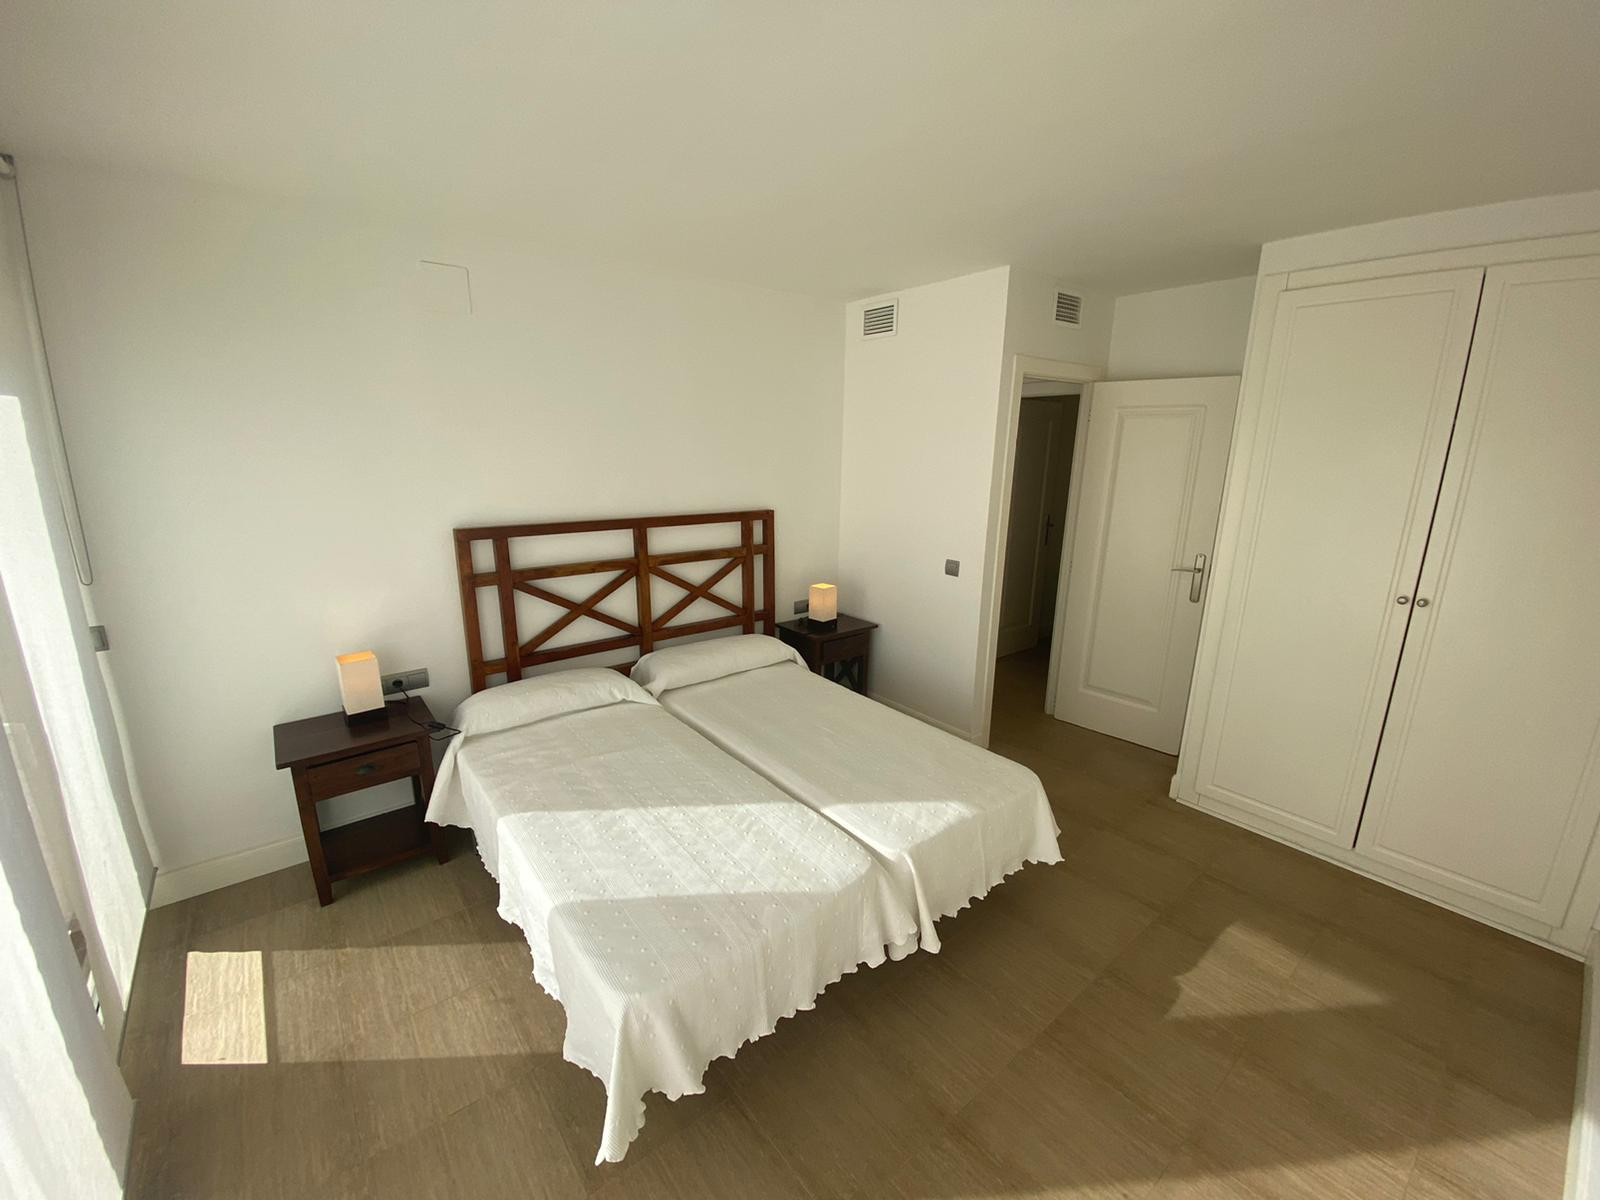 Imagen 31 del Apartamento Turístico, Ático 1 Levante (3d+2b), Punta del Moral (HUELVA), Paseo de la Cruz nº22